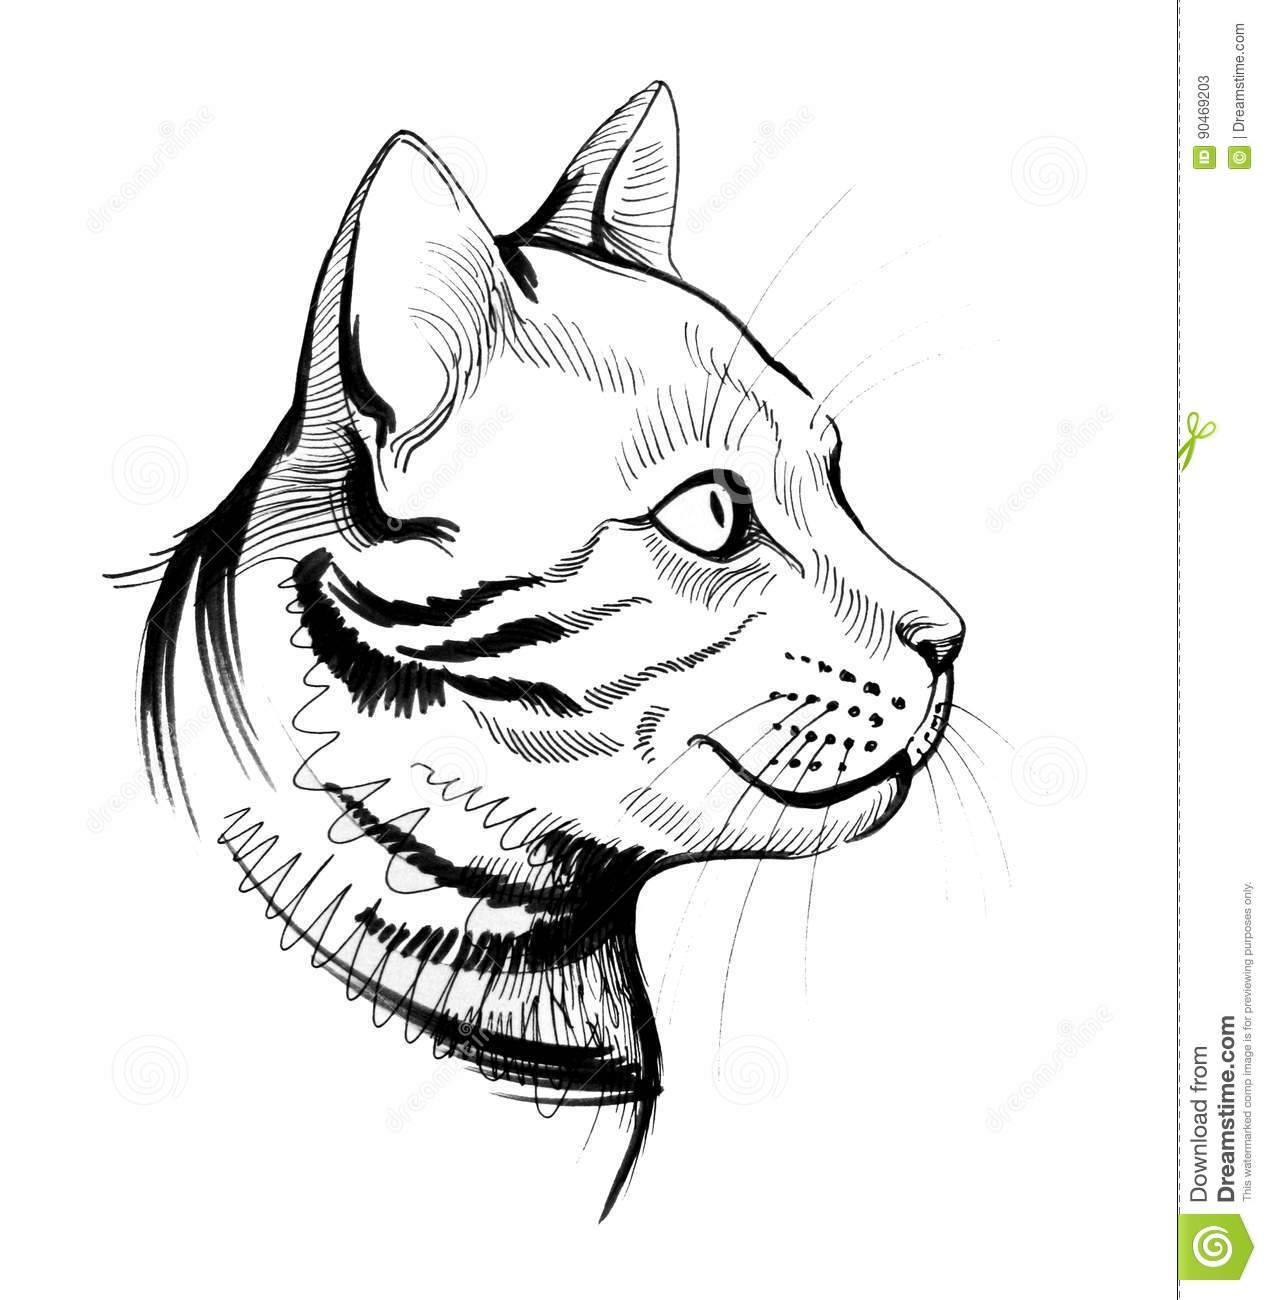 Милые картинки котиков для срисовки :3 большая коллекция